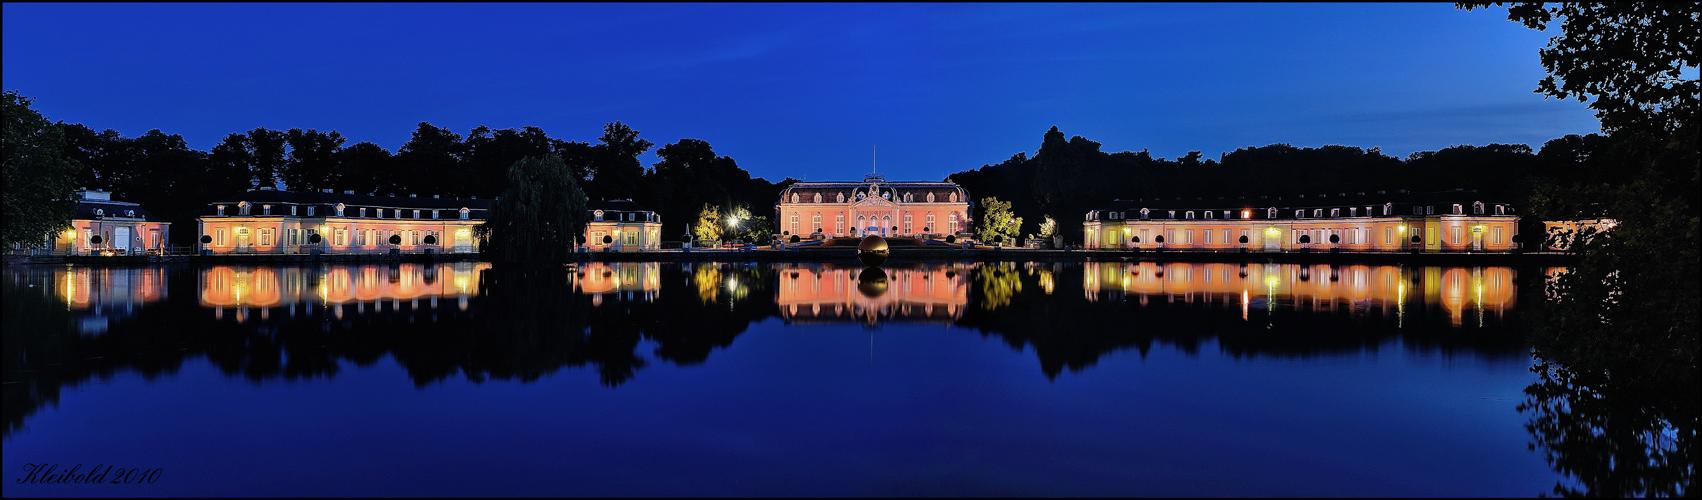 Schloss Benrath und die 'goldene Kugel' - Pano